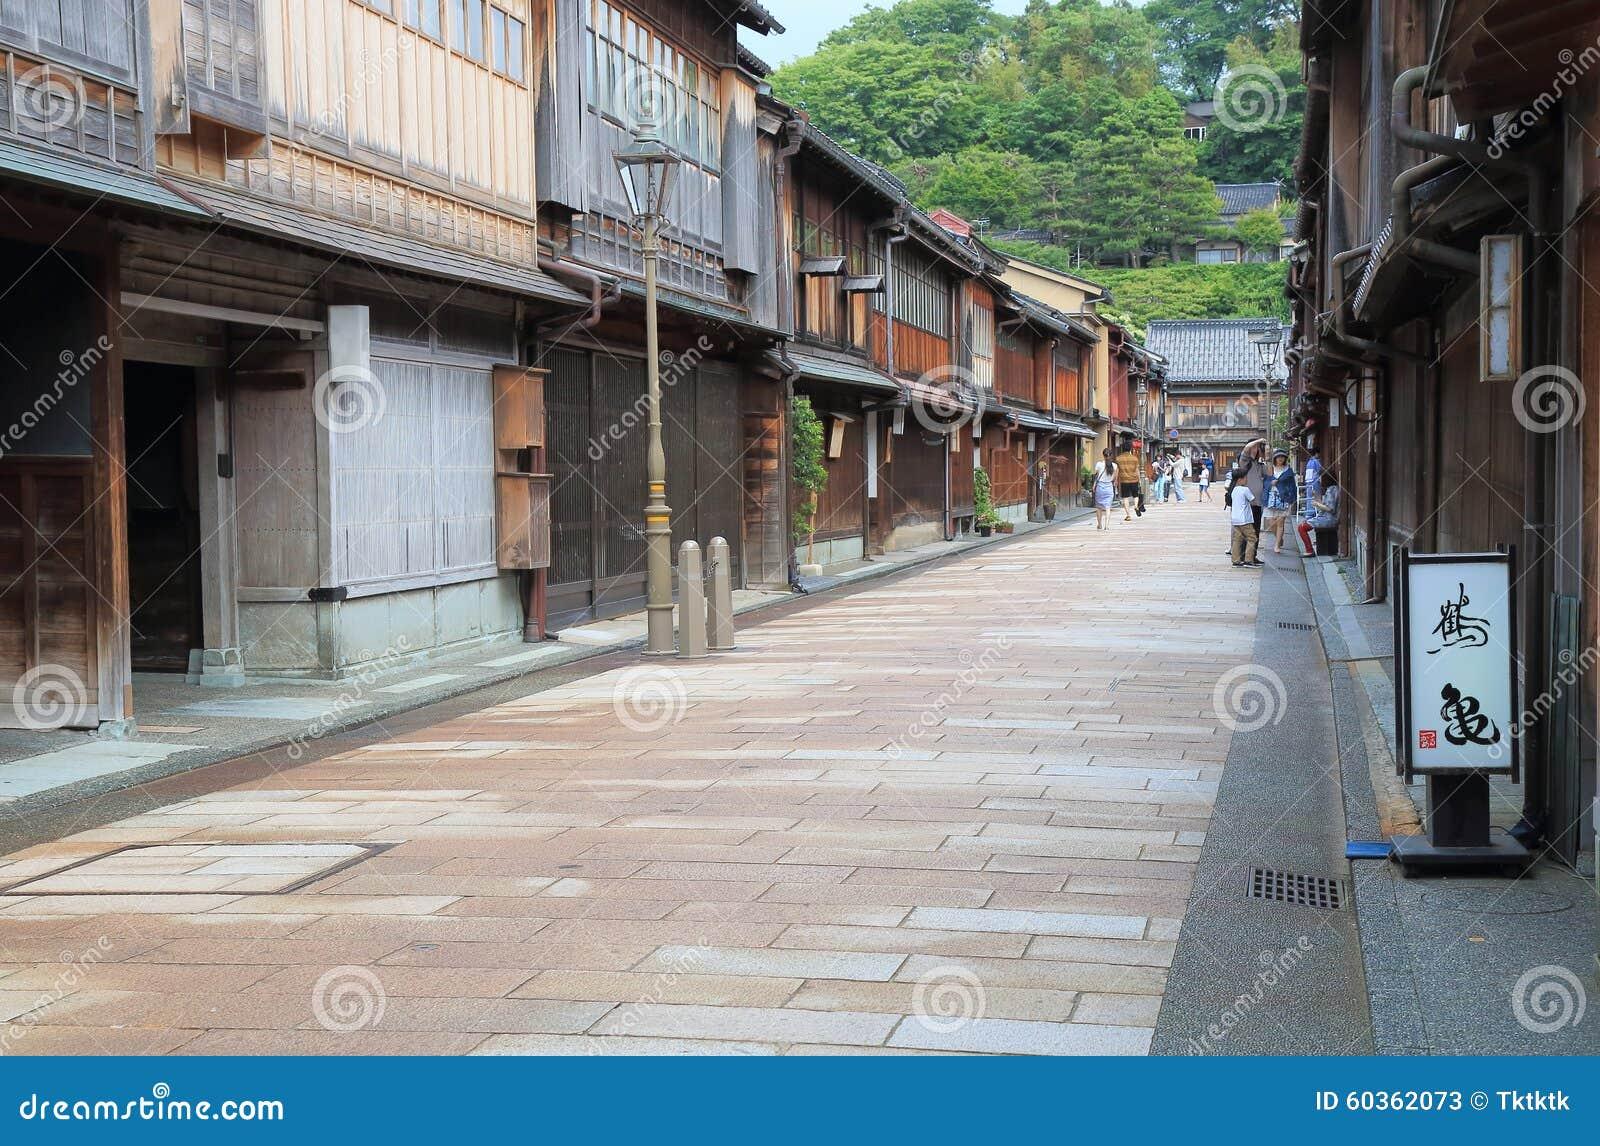 Oud huis kanazawa japan redactionele stock foto afbeelding bestaande uit cobblestone 60362073 - Oud huis ...